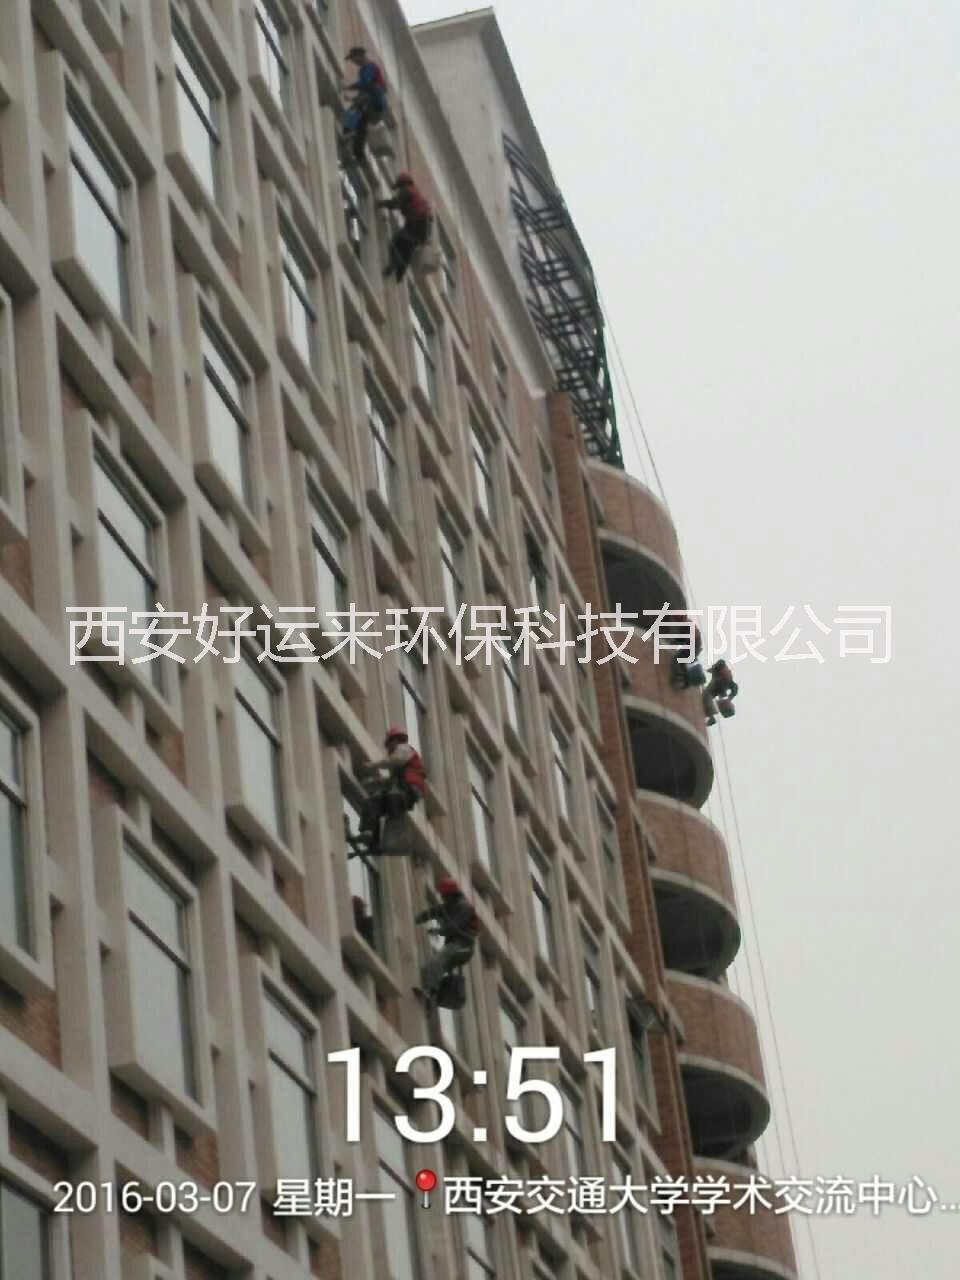 供应西安高空外墙清洗、清洗外墙、高空作业